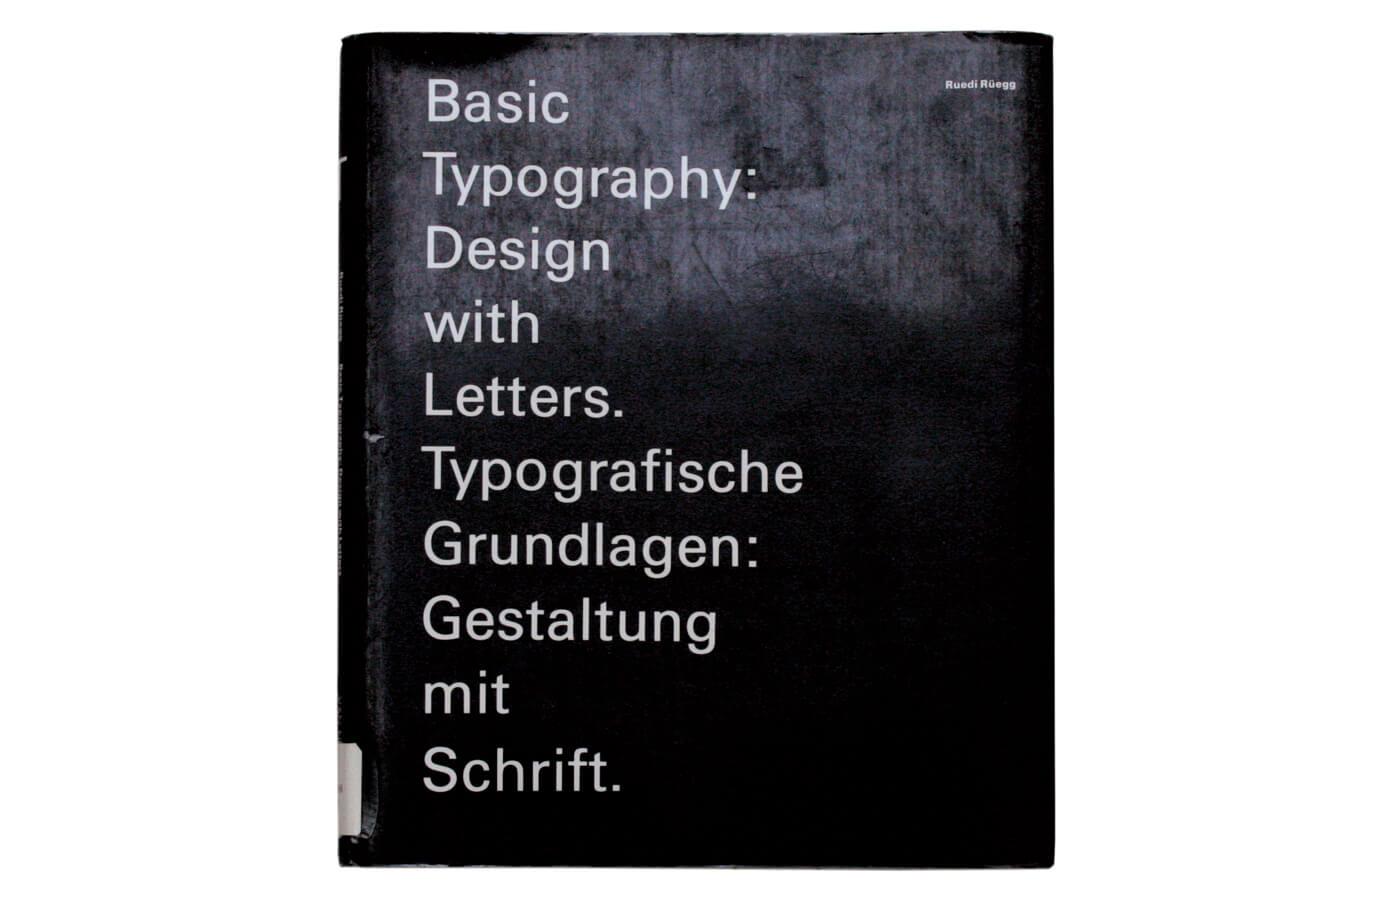 Basic Typography: Design with Letters | Typografische Grundlagen: Gestaltung mit Schrift